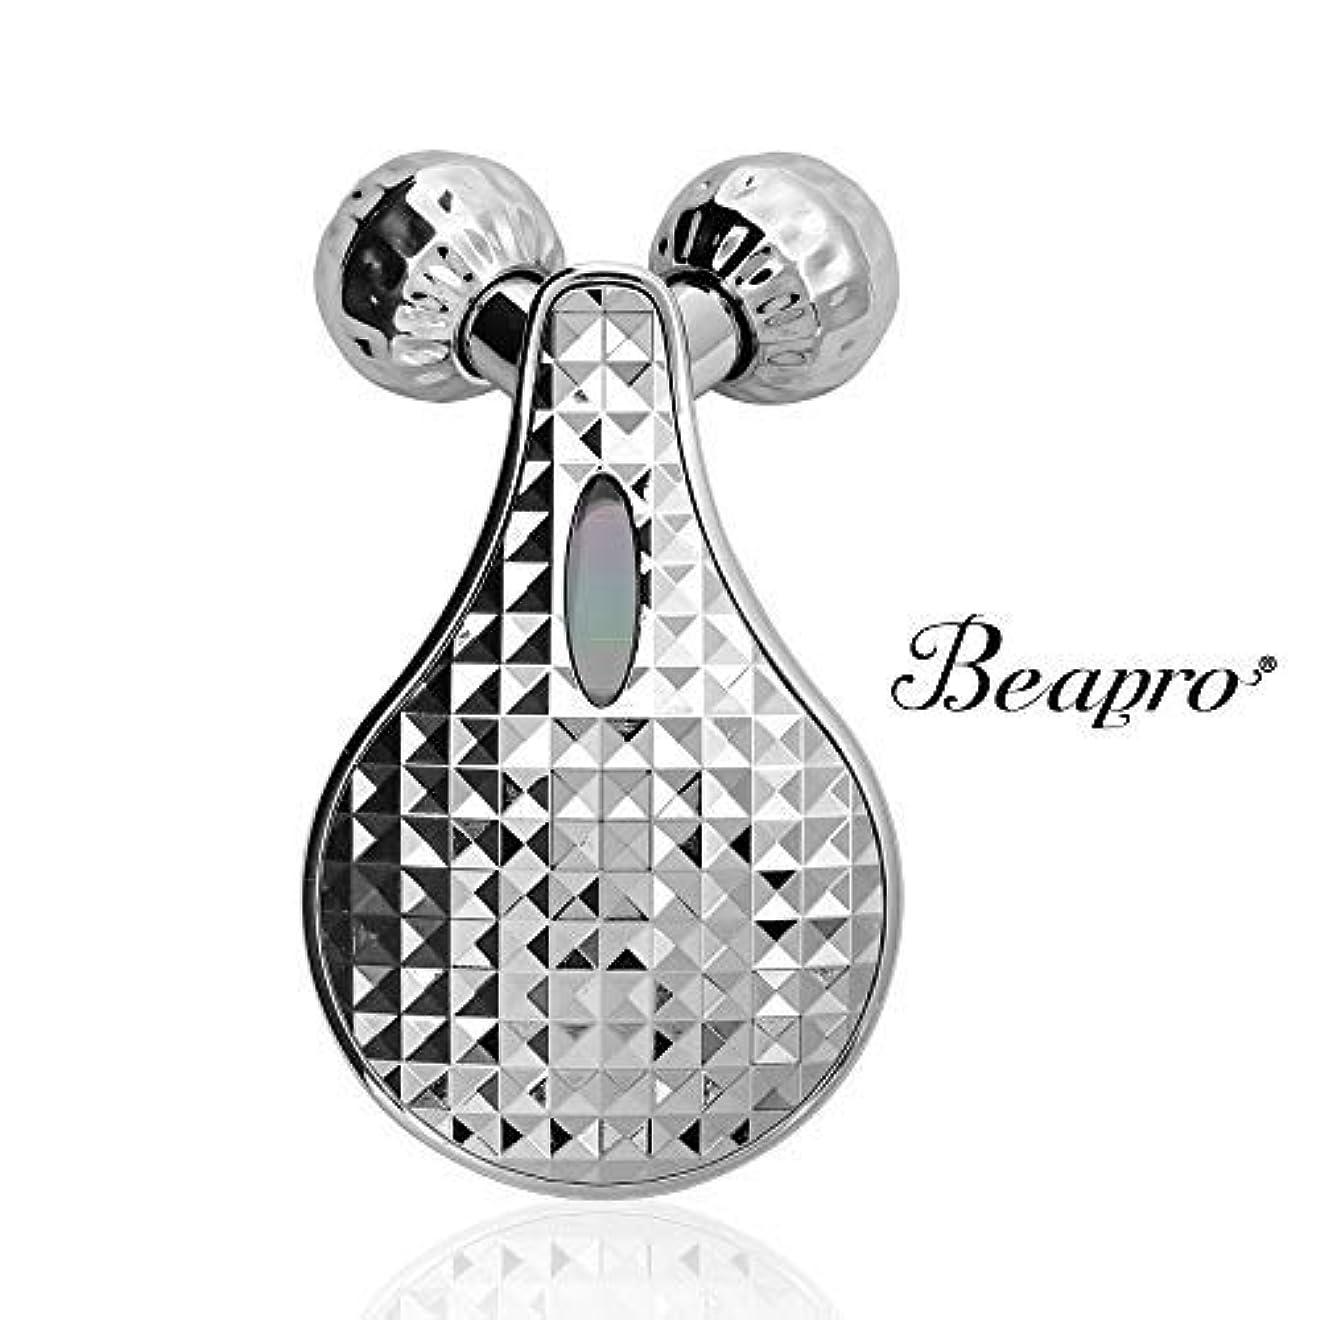 機動提出する小競り合いBeapro(ビープロ) 3D 美顔ローラー マイクロカレント(微弱電流) Y字構造 ローラー フェイシャル&ボディ マッサージ リガメント beapro04